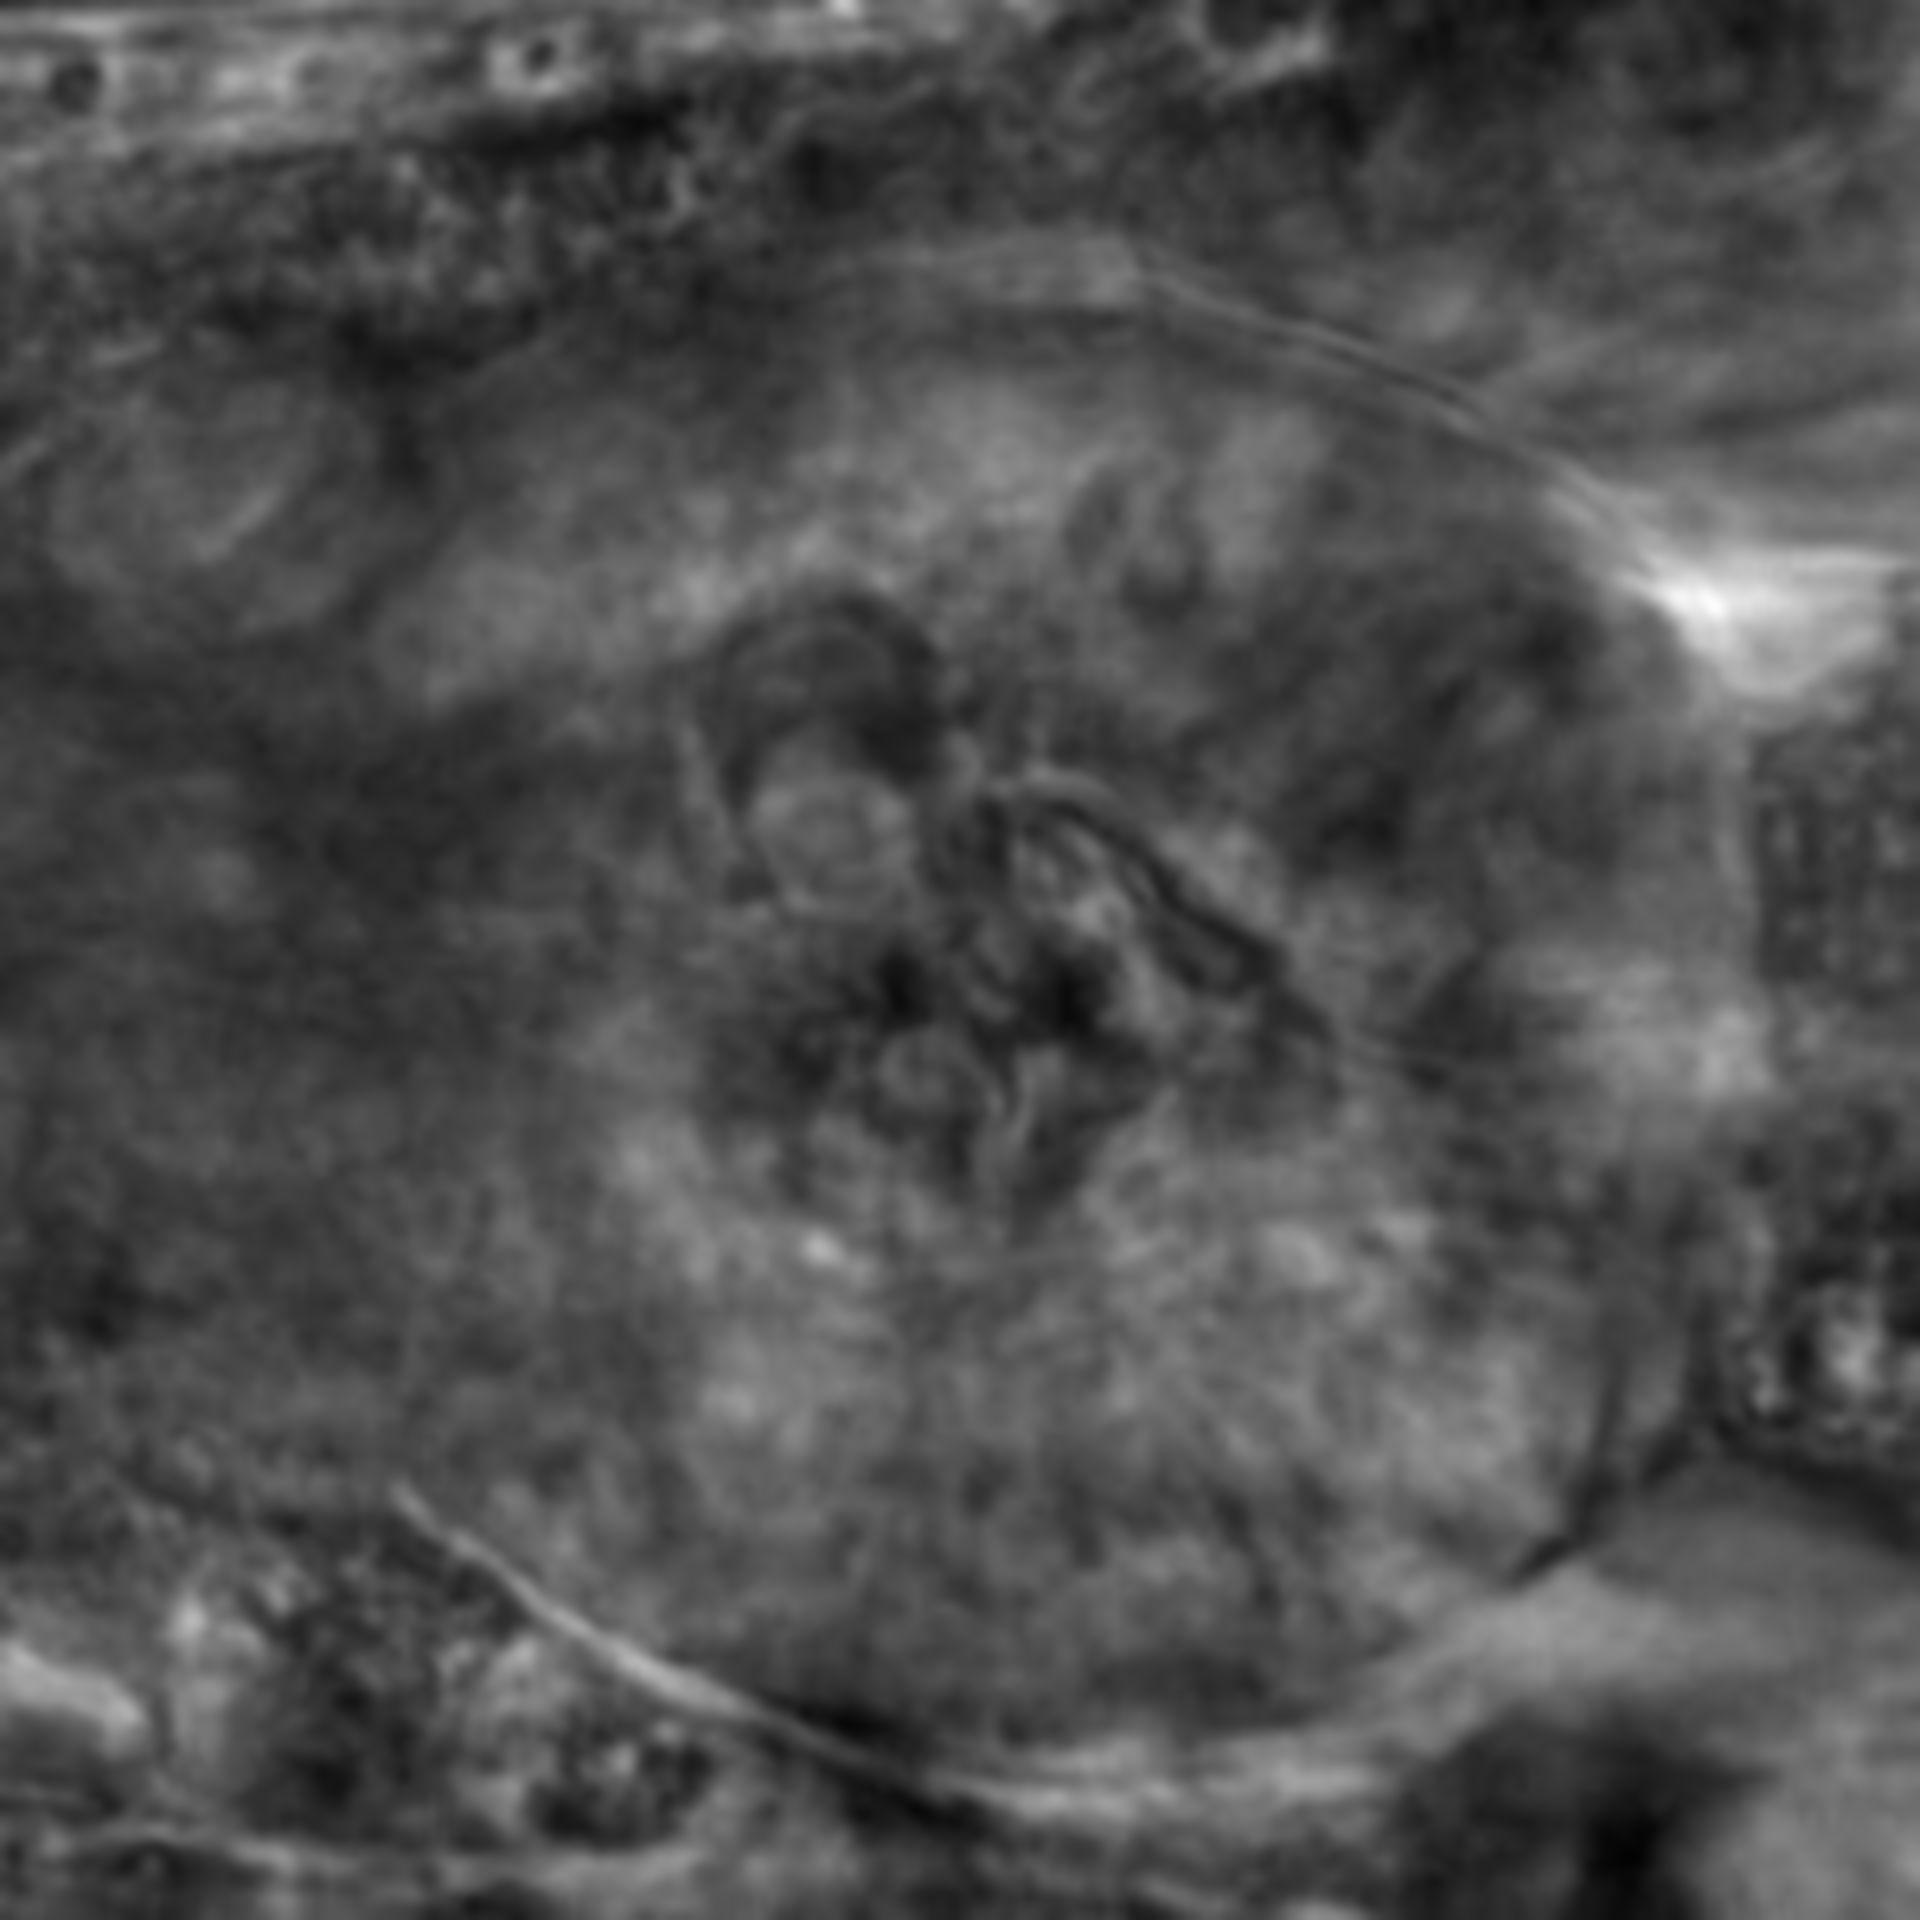 Caenorhabditis elegans - CIL:2259